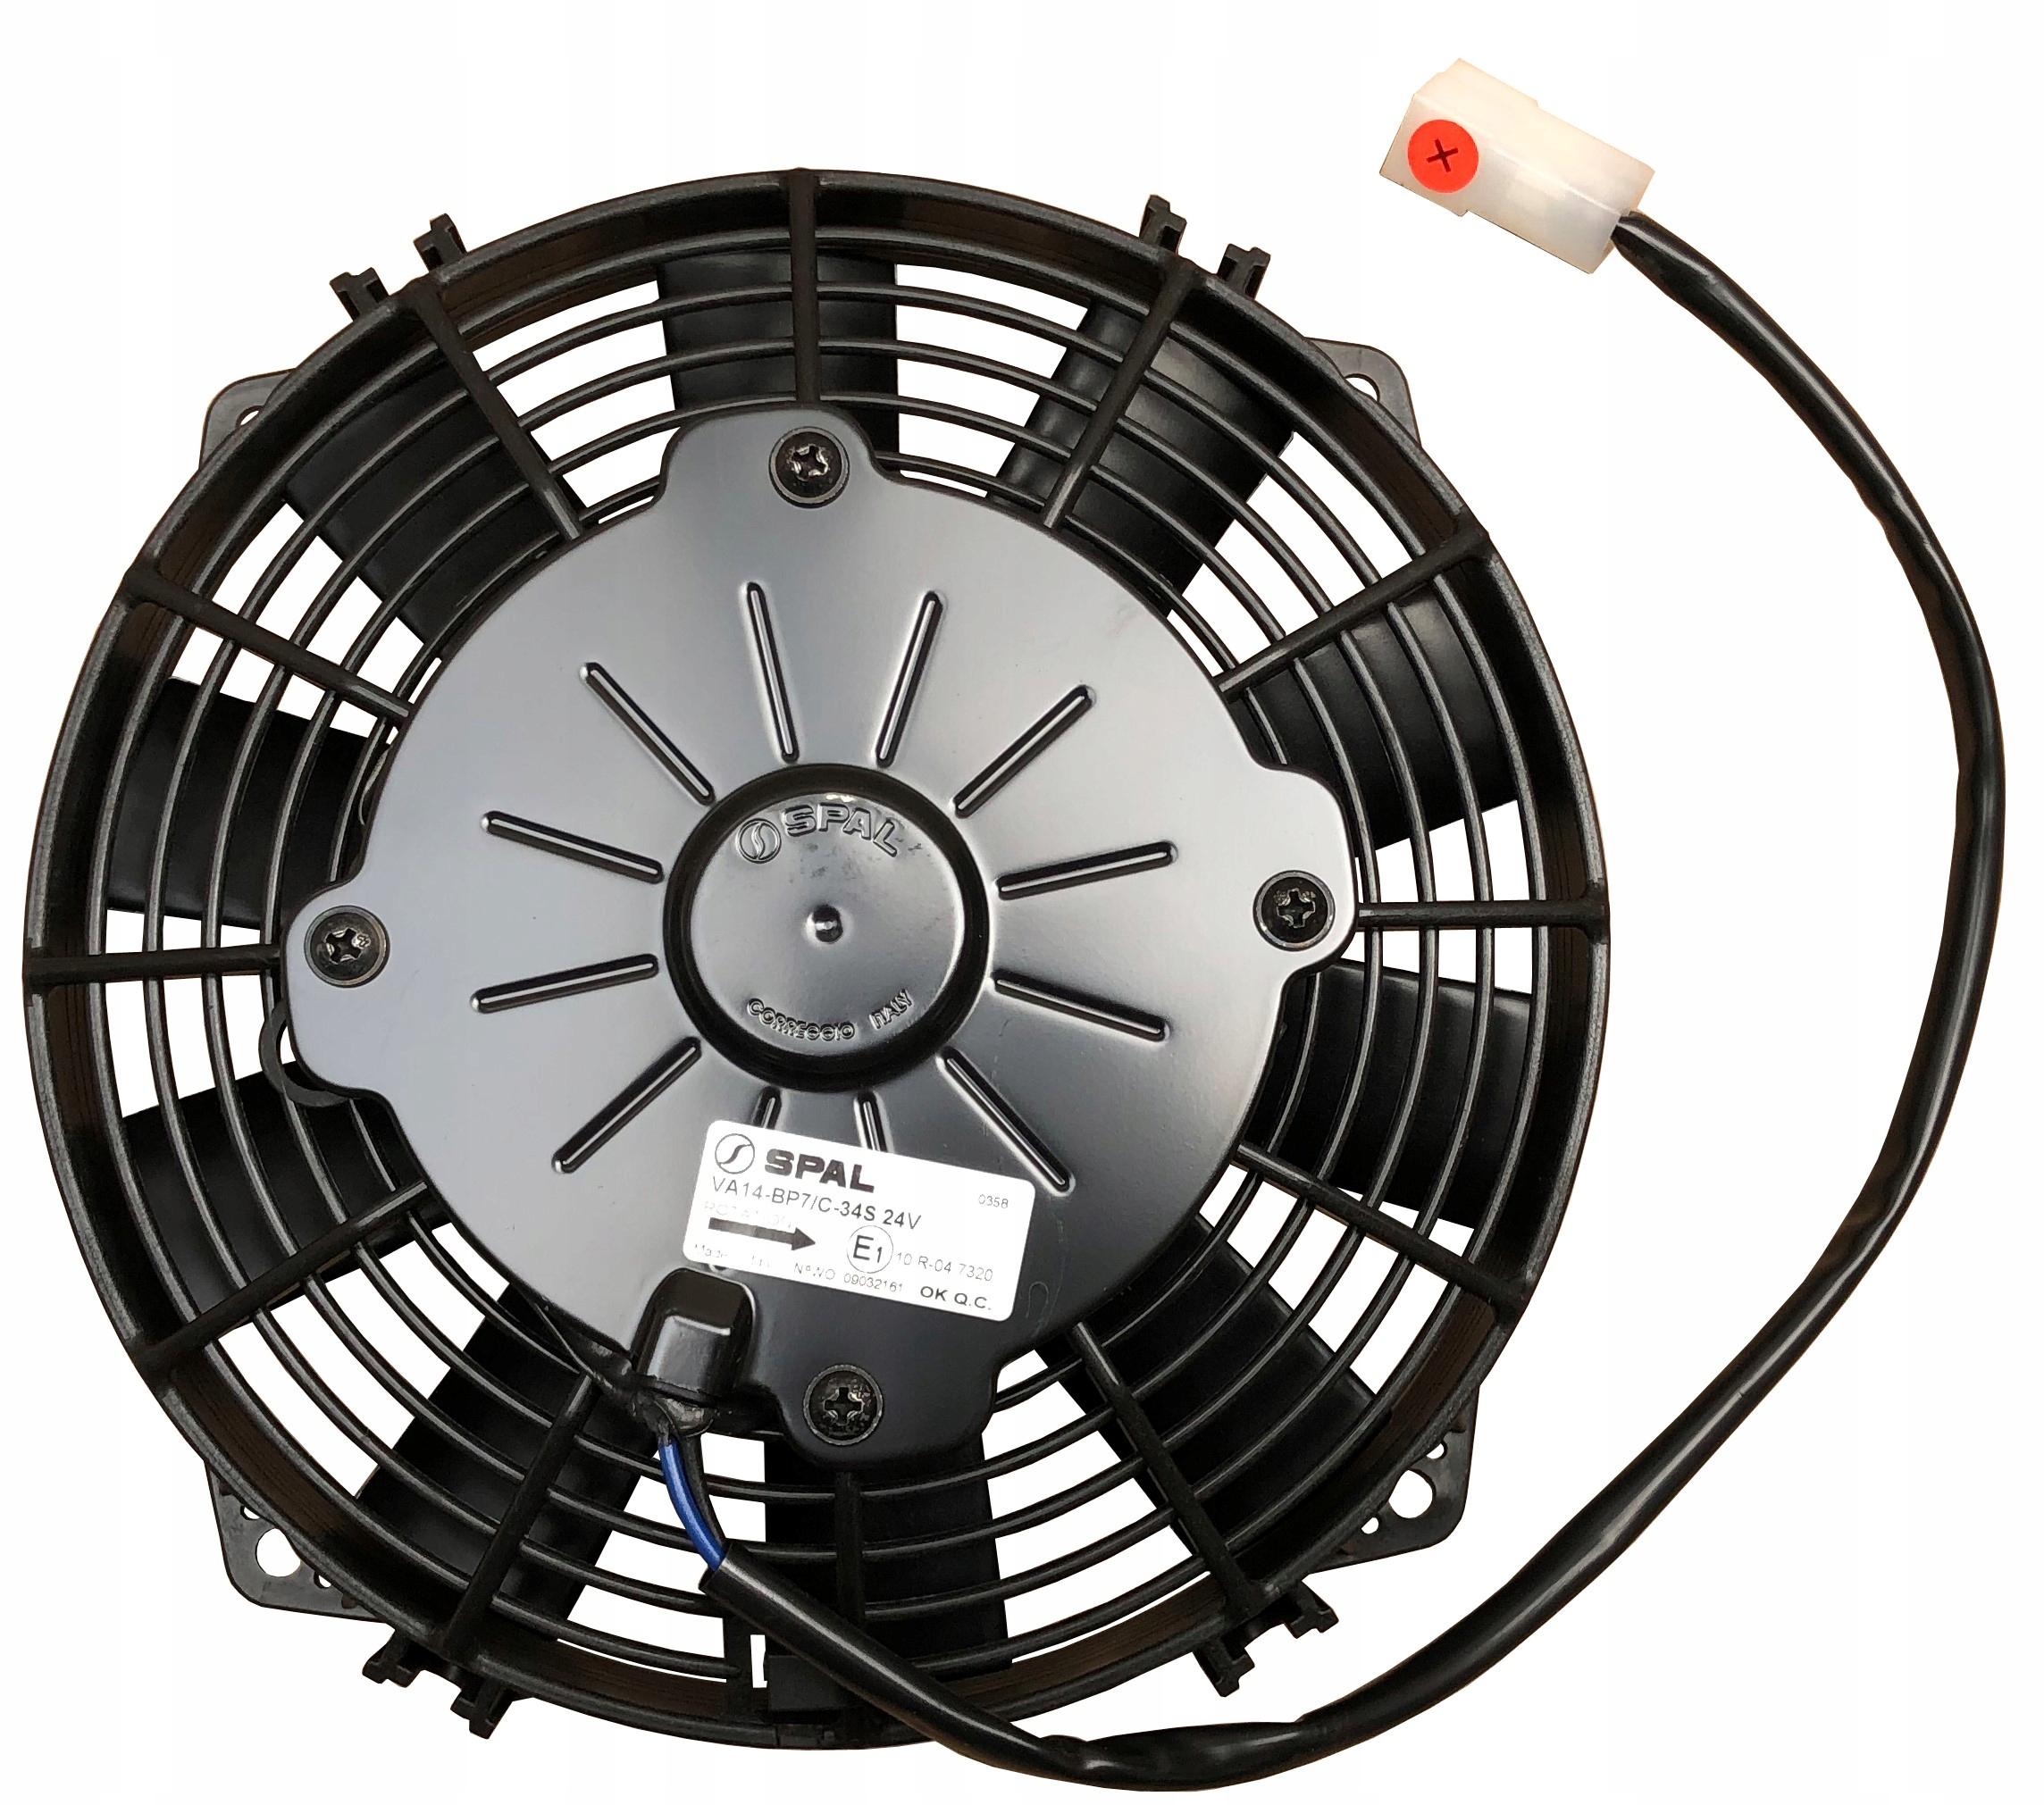 вентилятор сожги 24v va14-bp7c-34s выдвижной 190mm